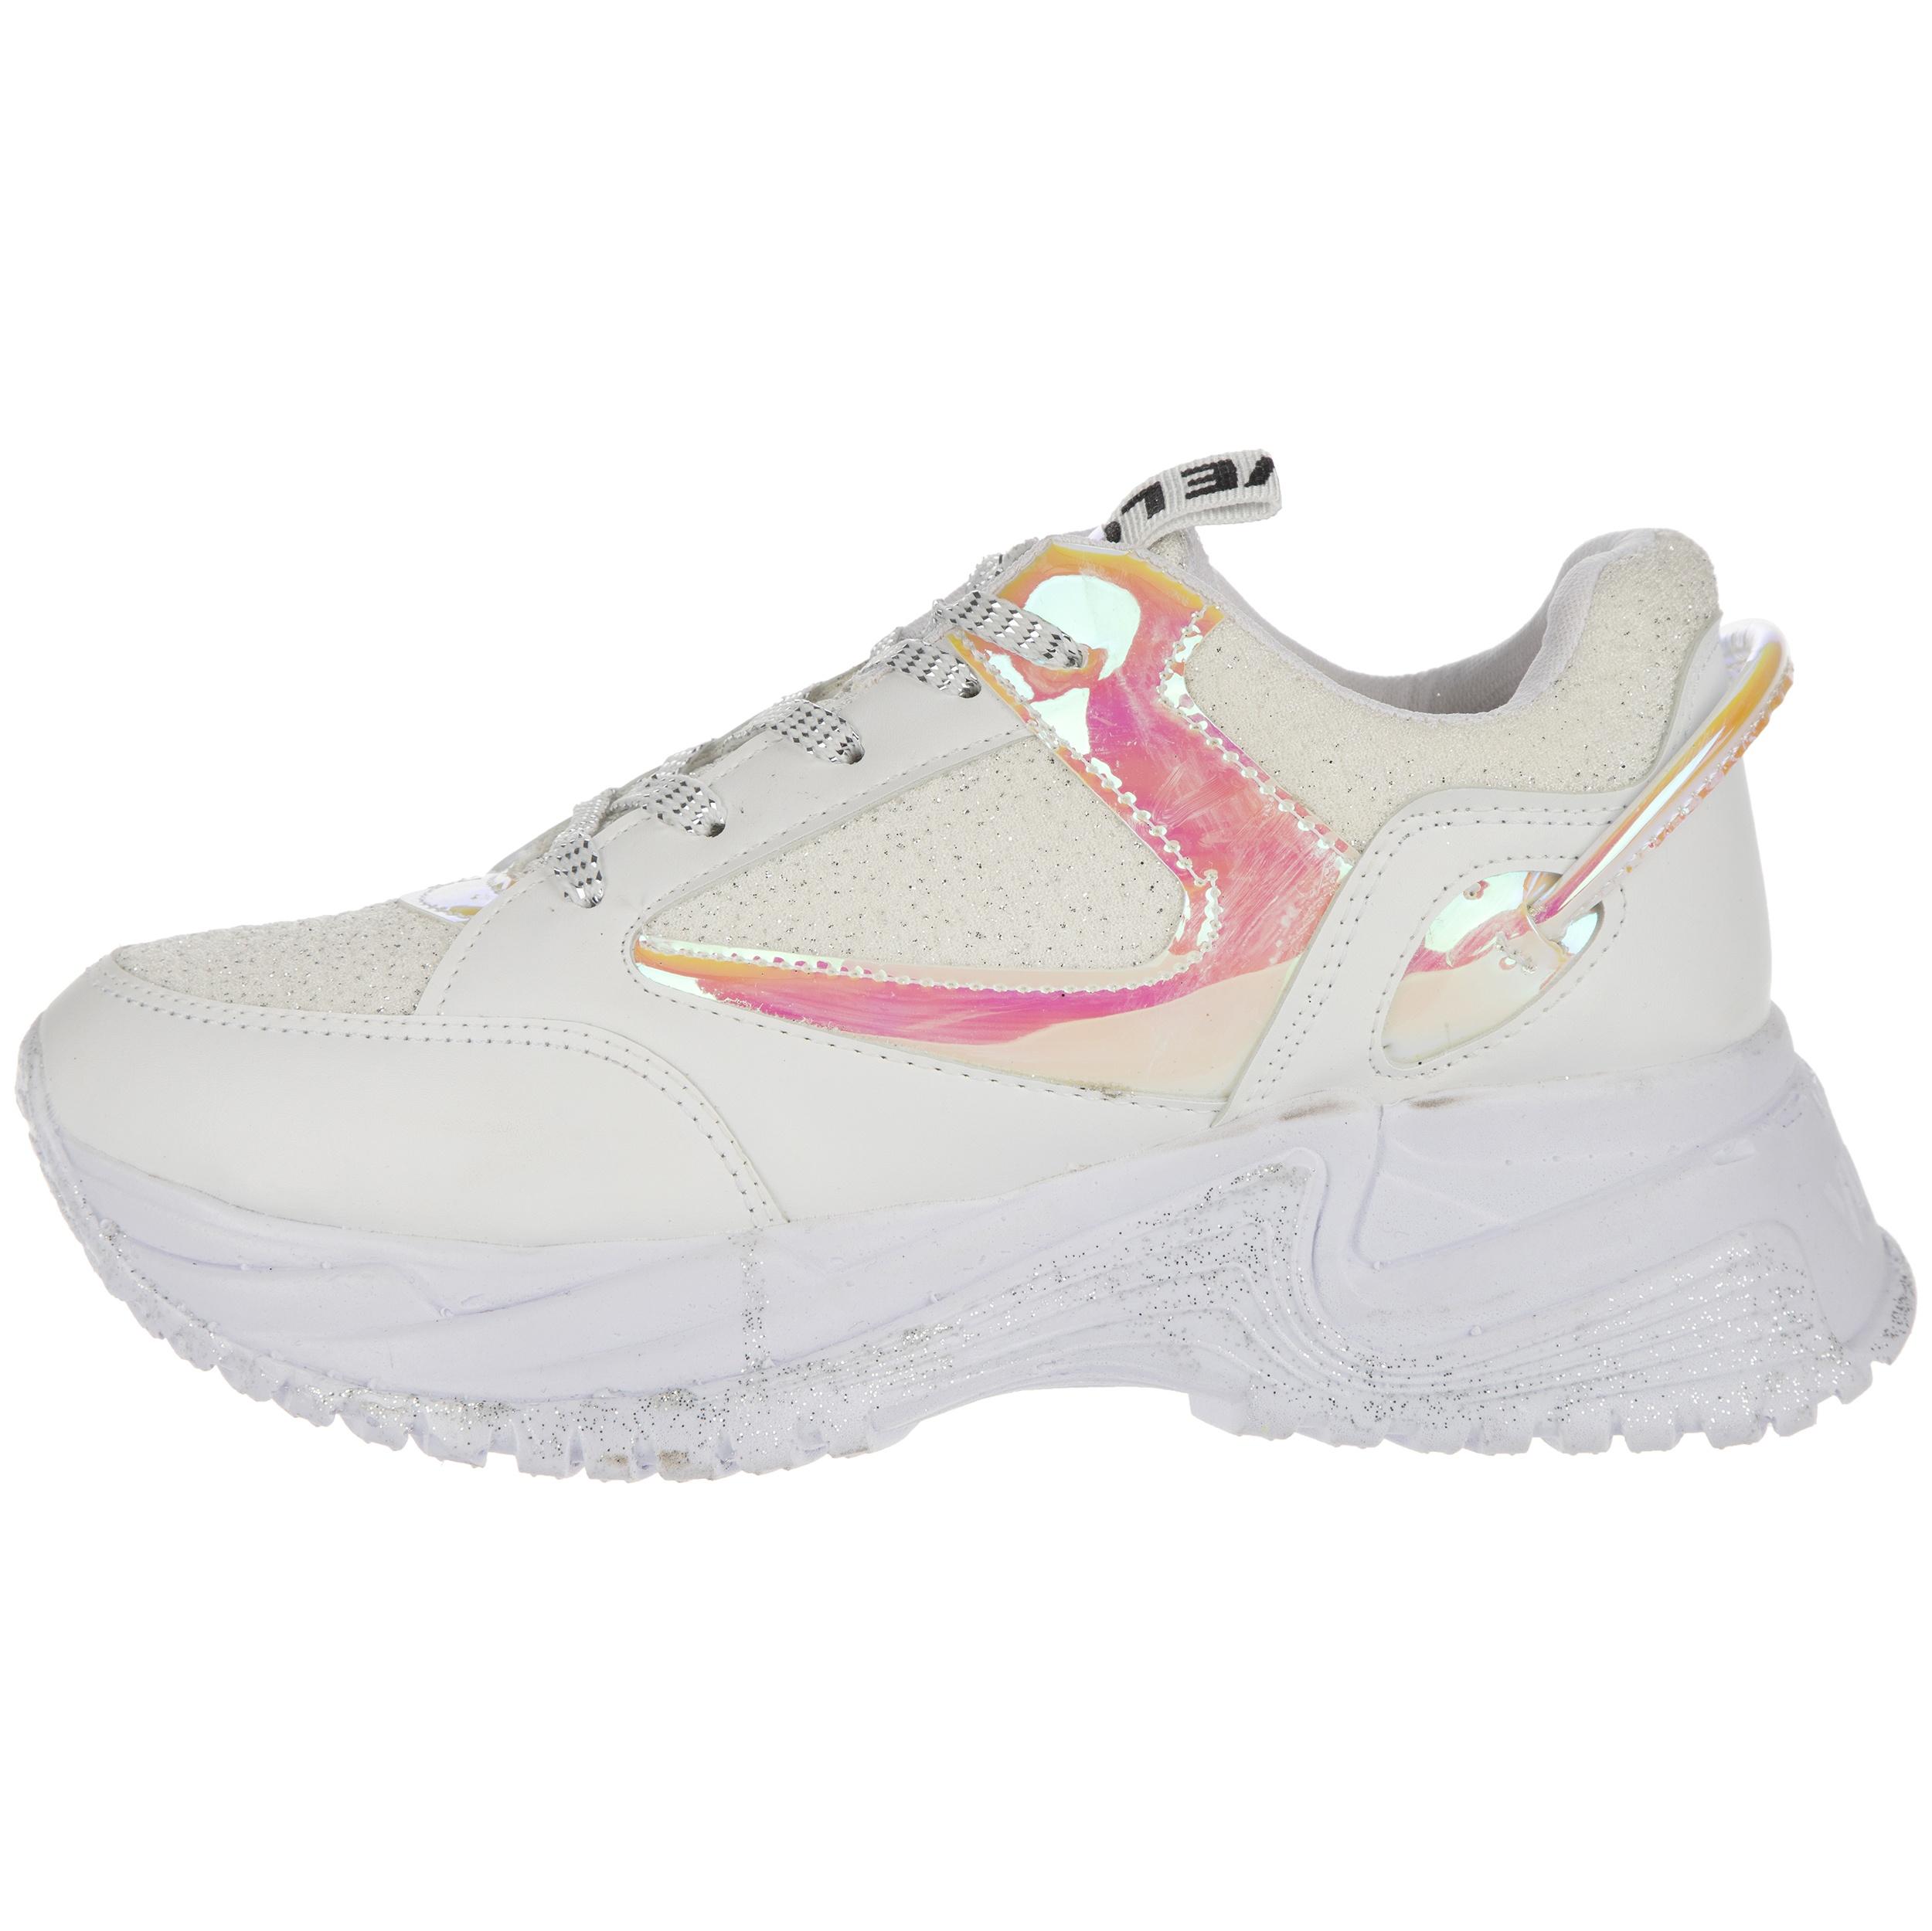 کفش مخصوص پیاده روی زنانه کد 6781